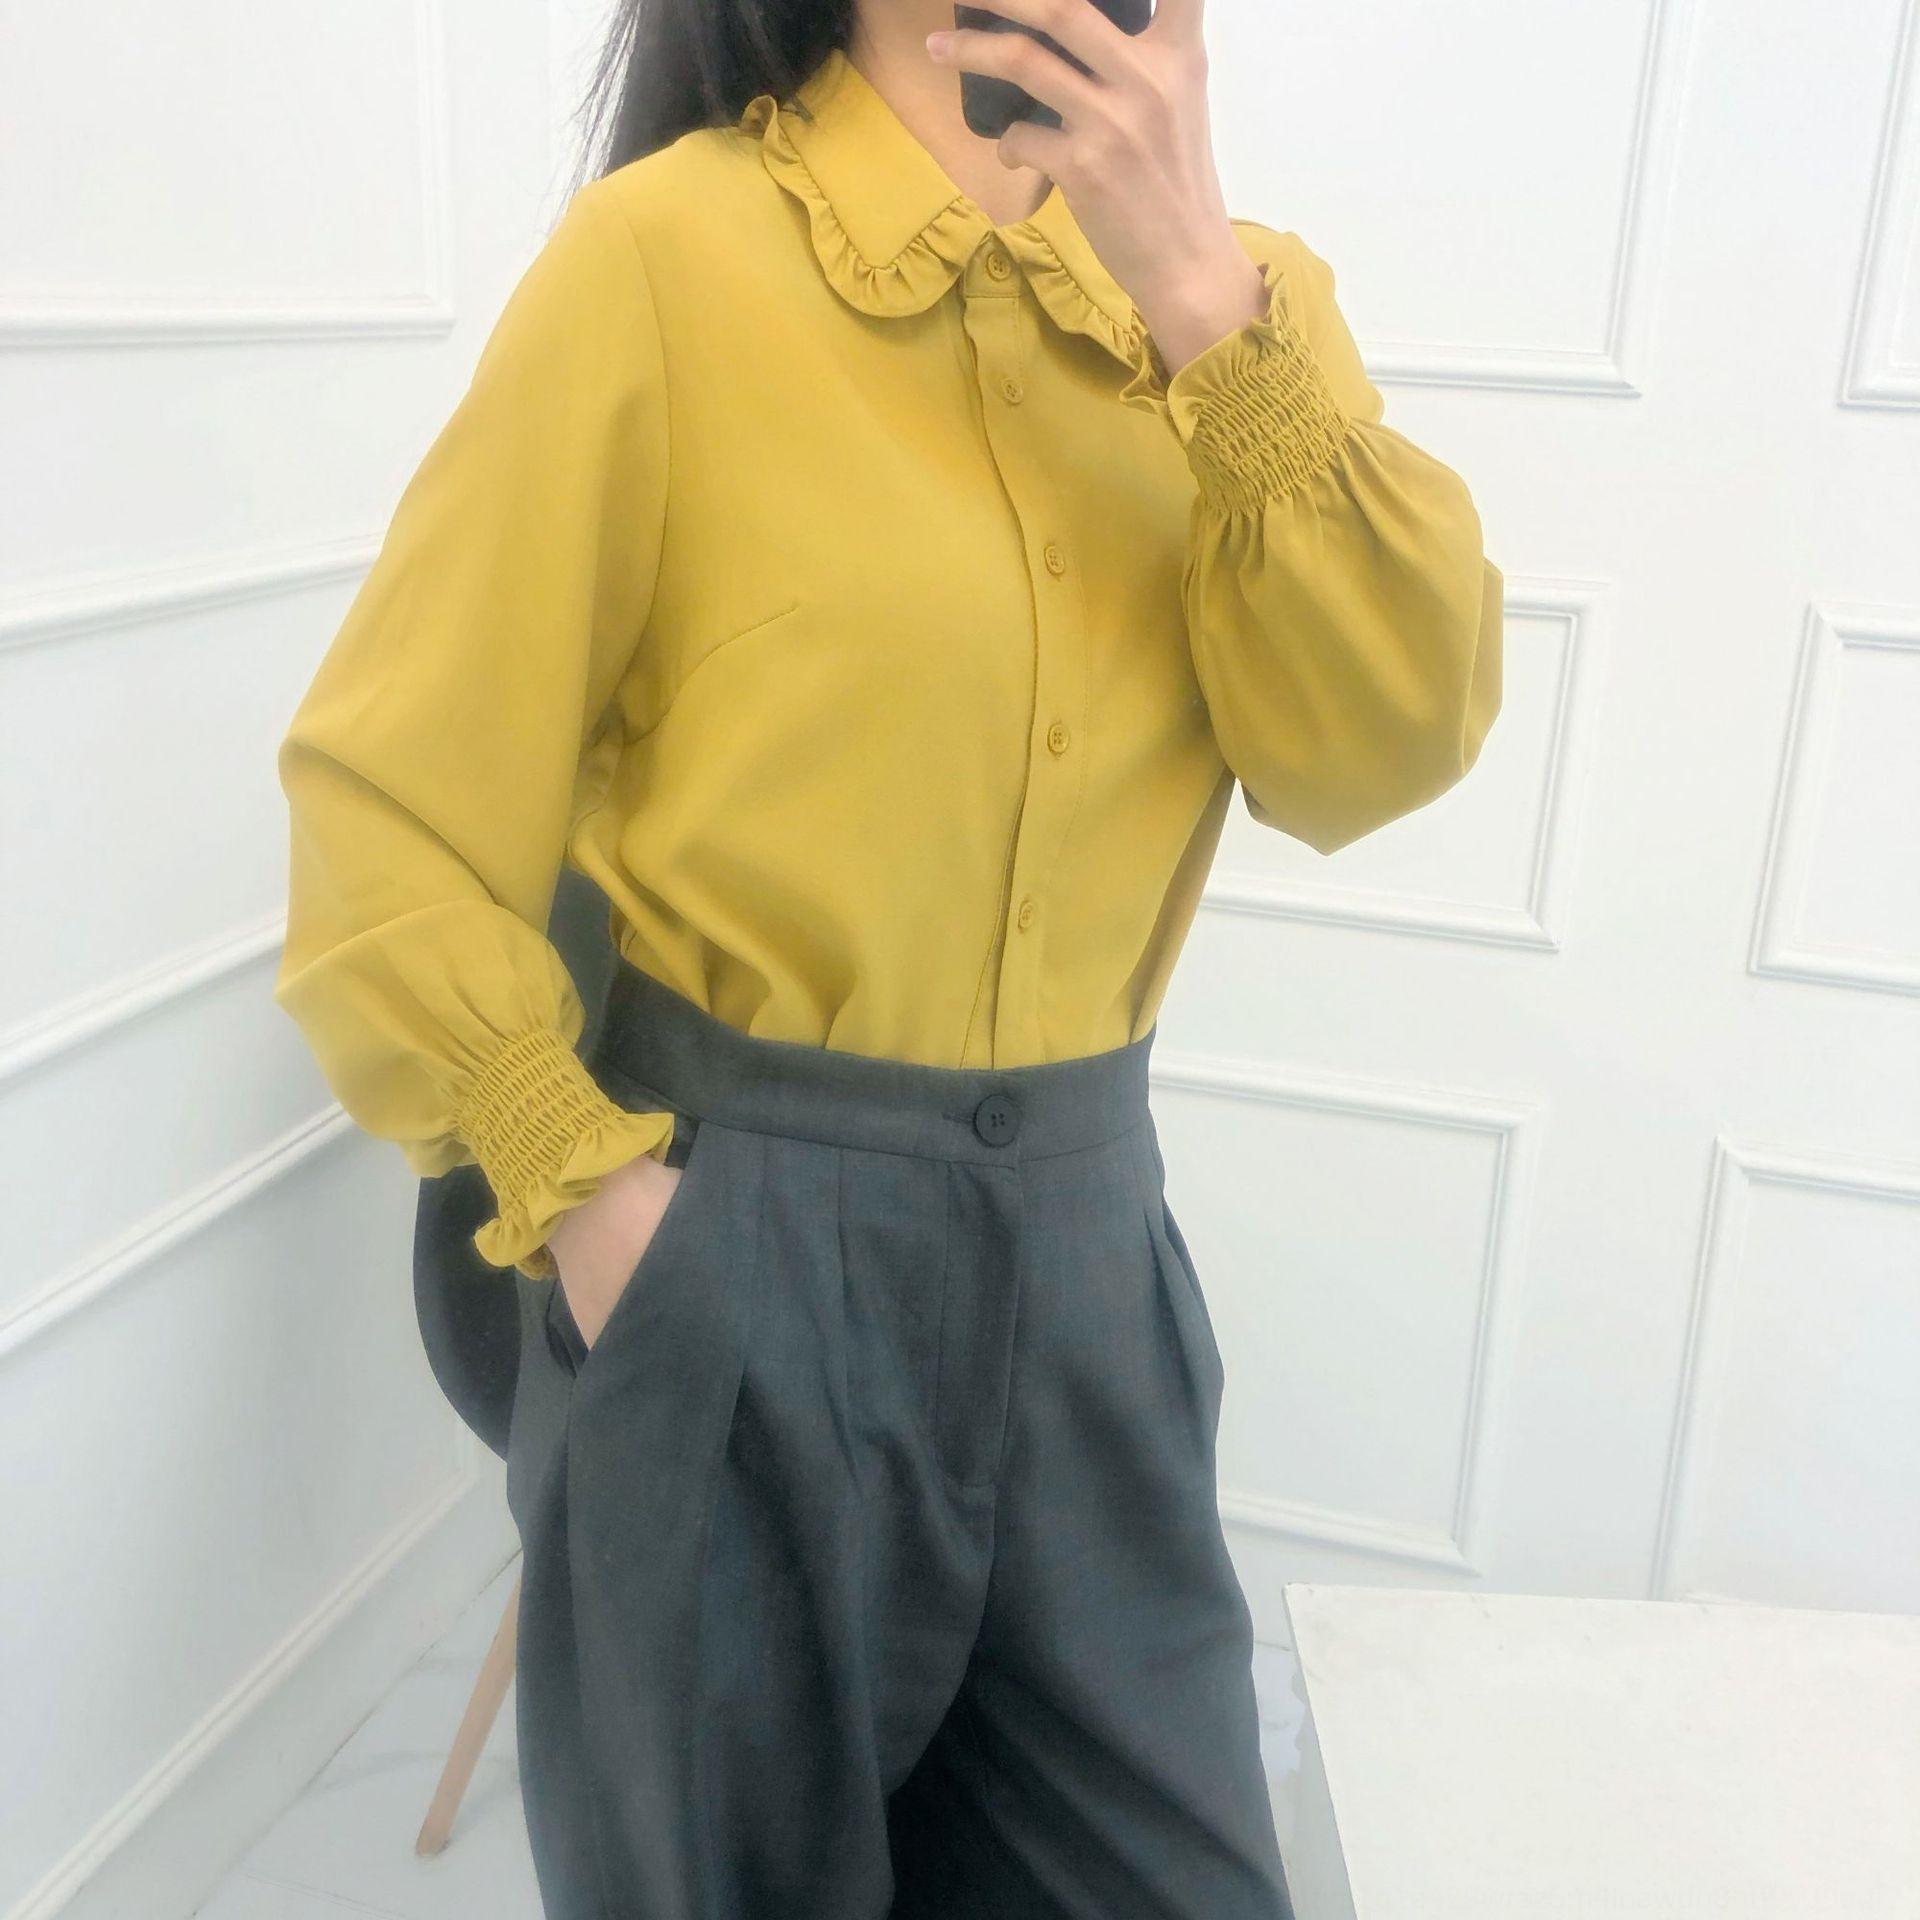 polsino elastico 3972 pizzo camicia elastico pizzo camicia polsino 3972 VuIu8